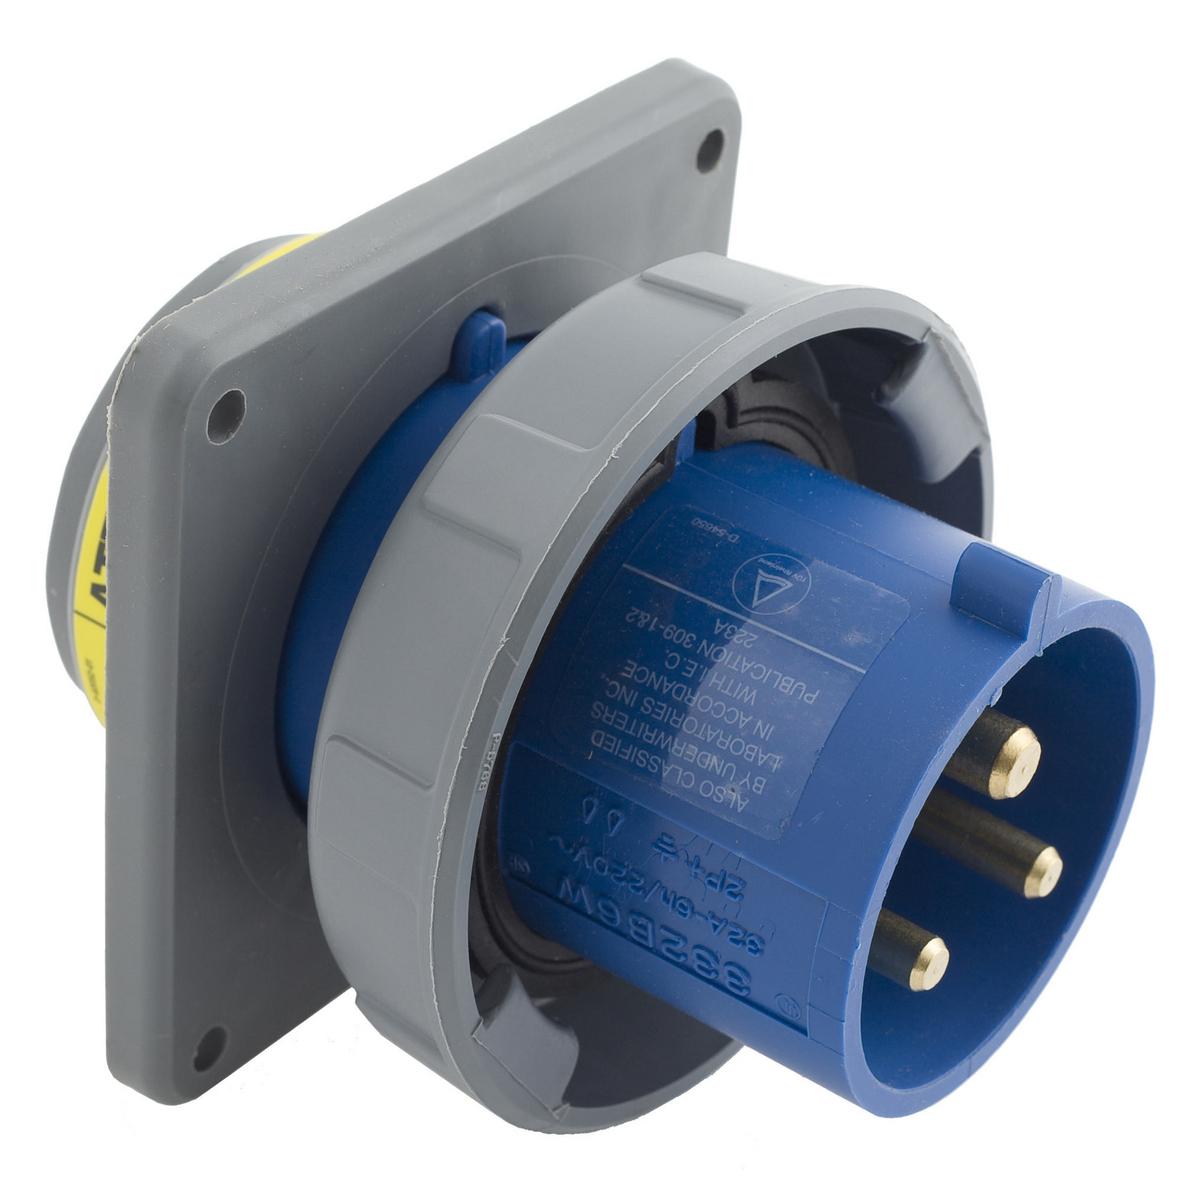 Hubbell HBL332B6W PS, IEC, B, 2P3W, 30A 250V, IP67